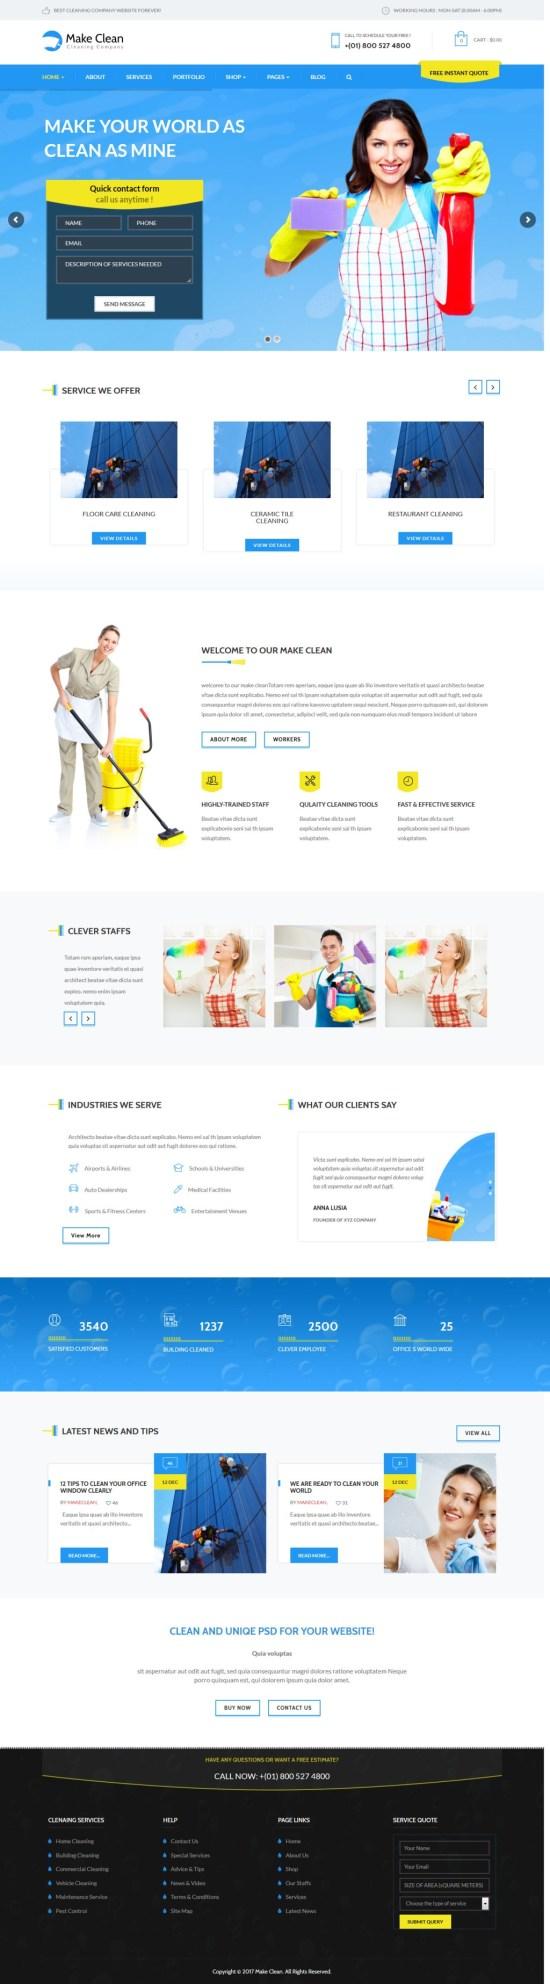 Make Clean WordPress Theme